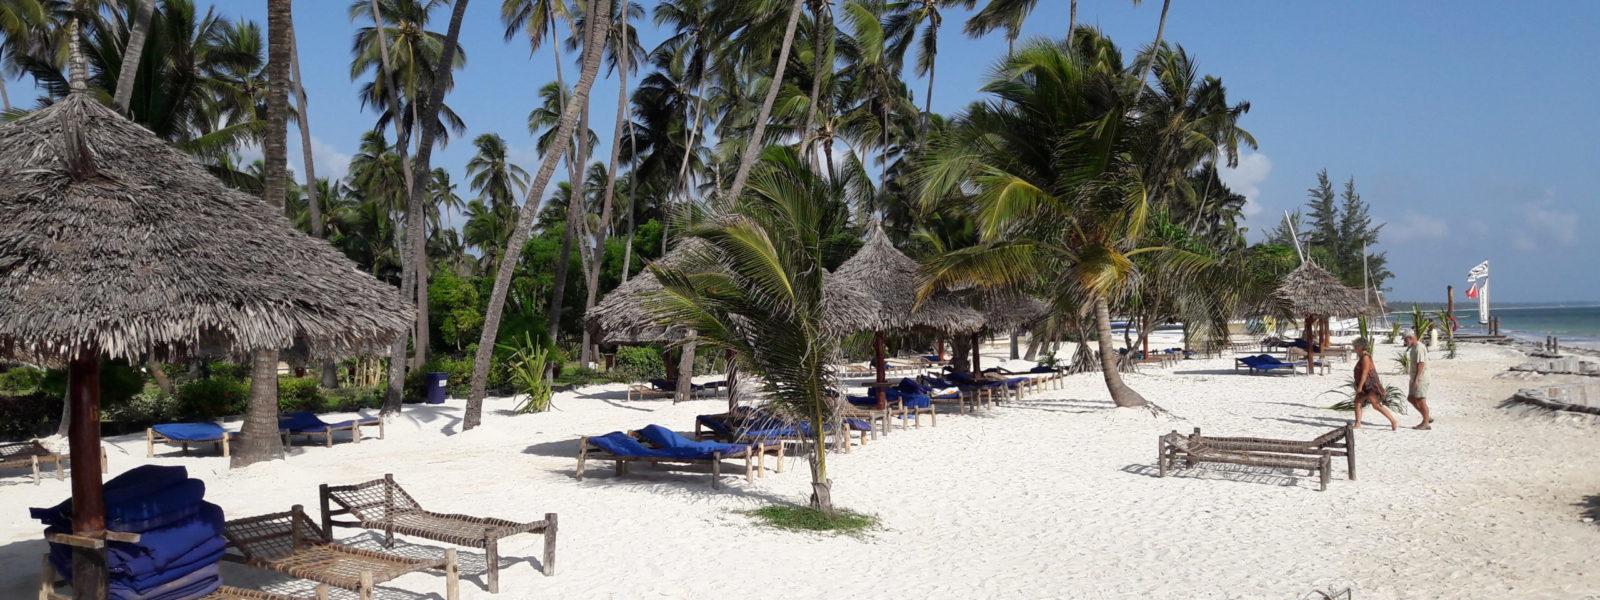 Wczasy Na Zanzibarze 4